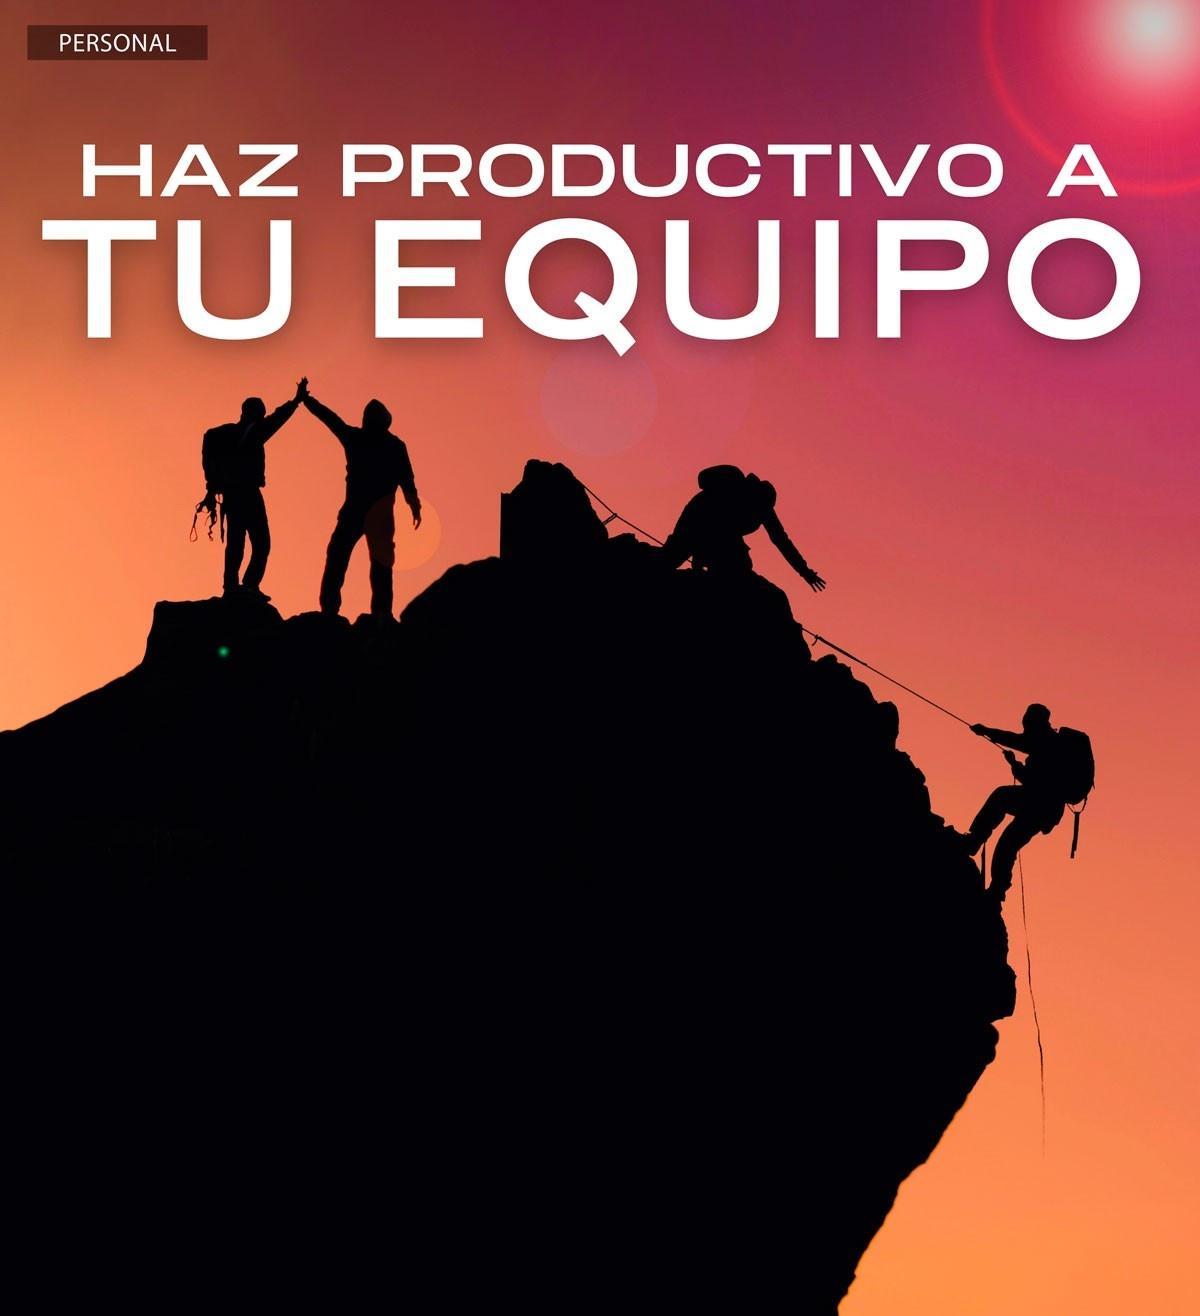 Haz productivo a tu equipo